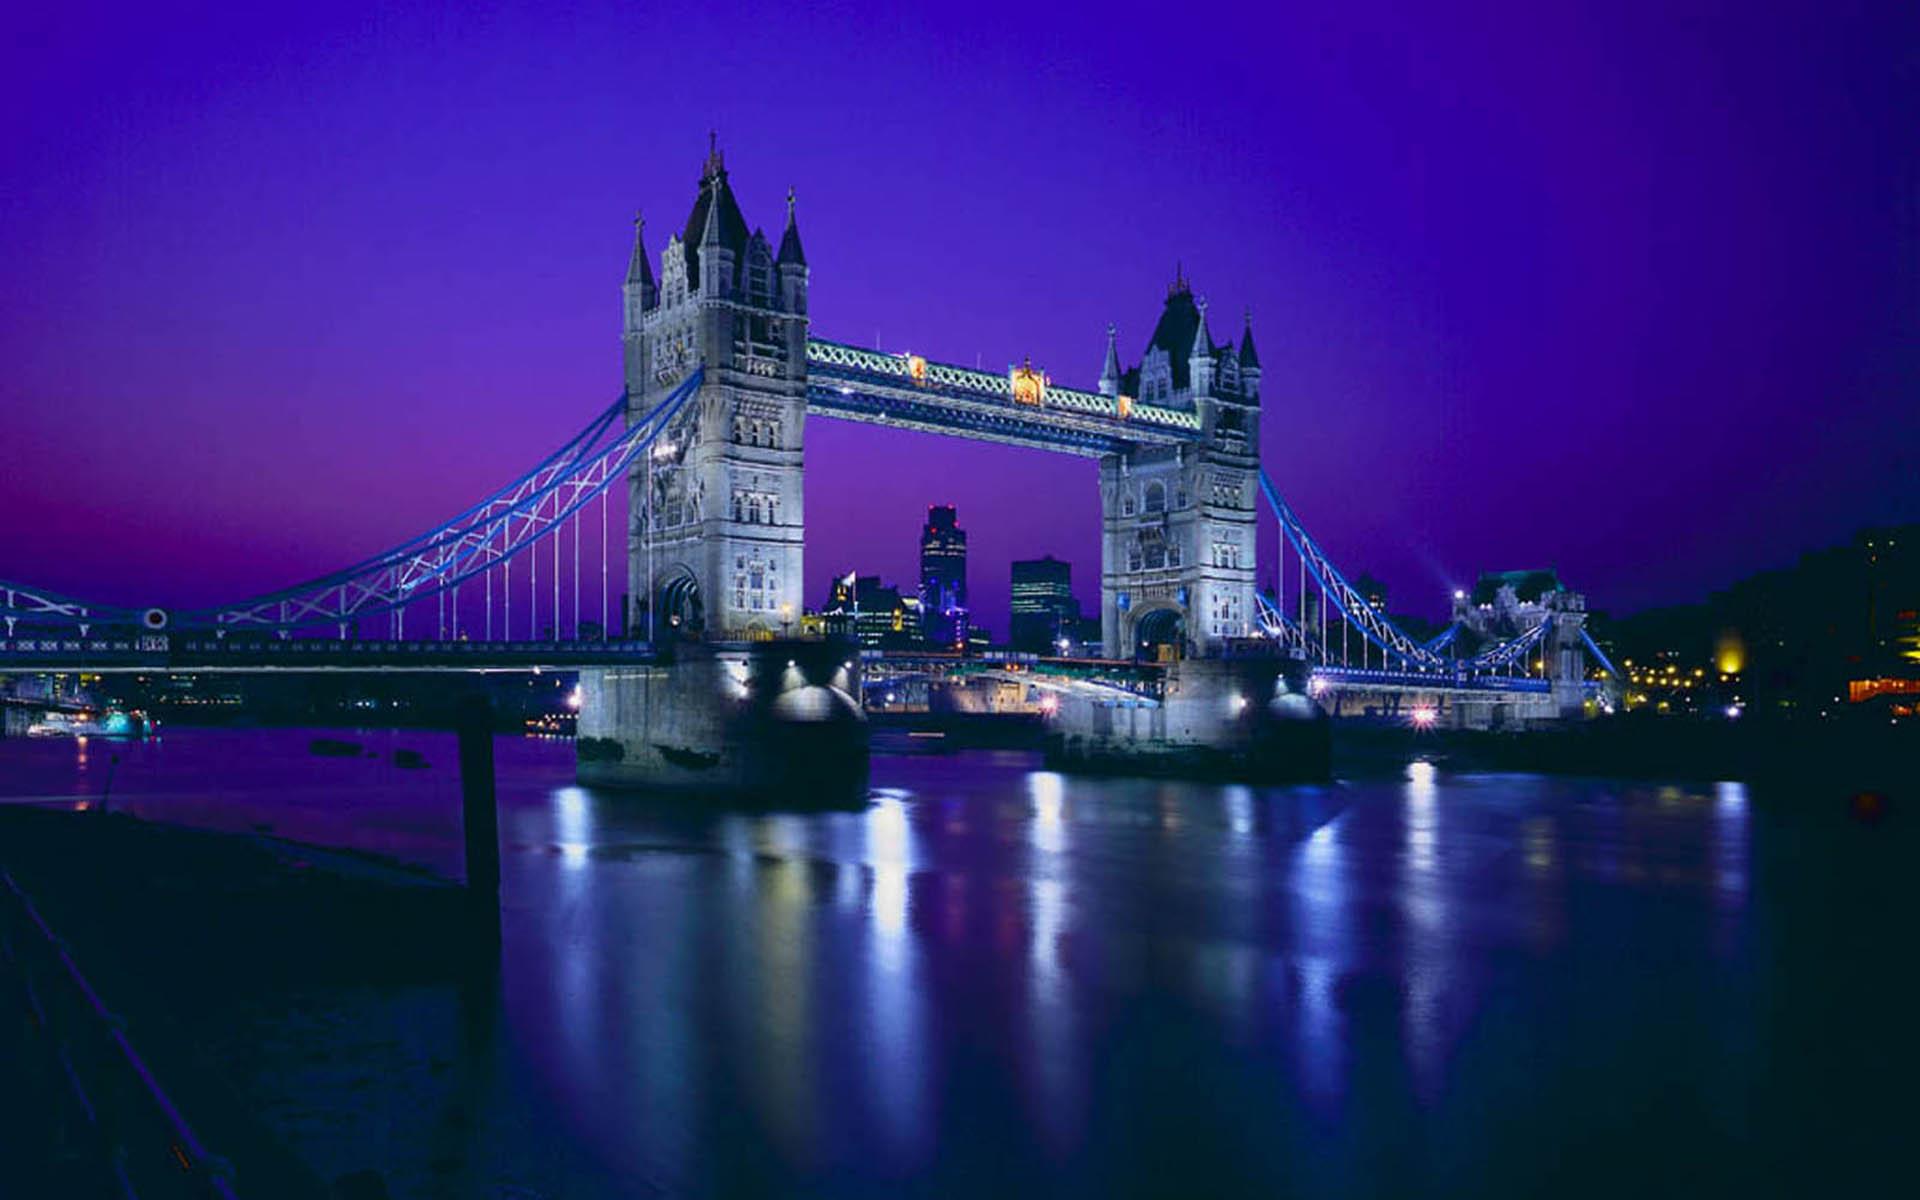 London Bridge 1920x1200 WallpapersLondon Bridge 1920x1200 Wallpapers 1920x1200